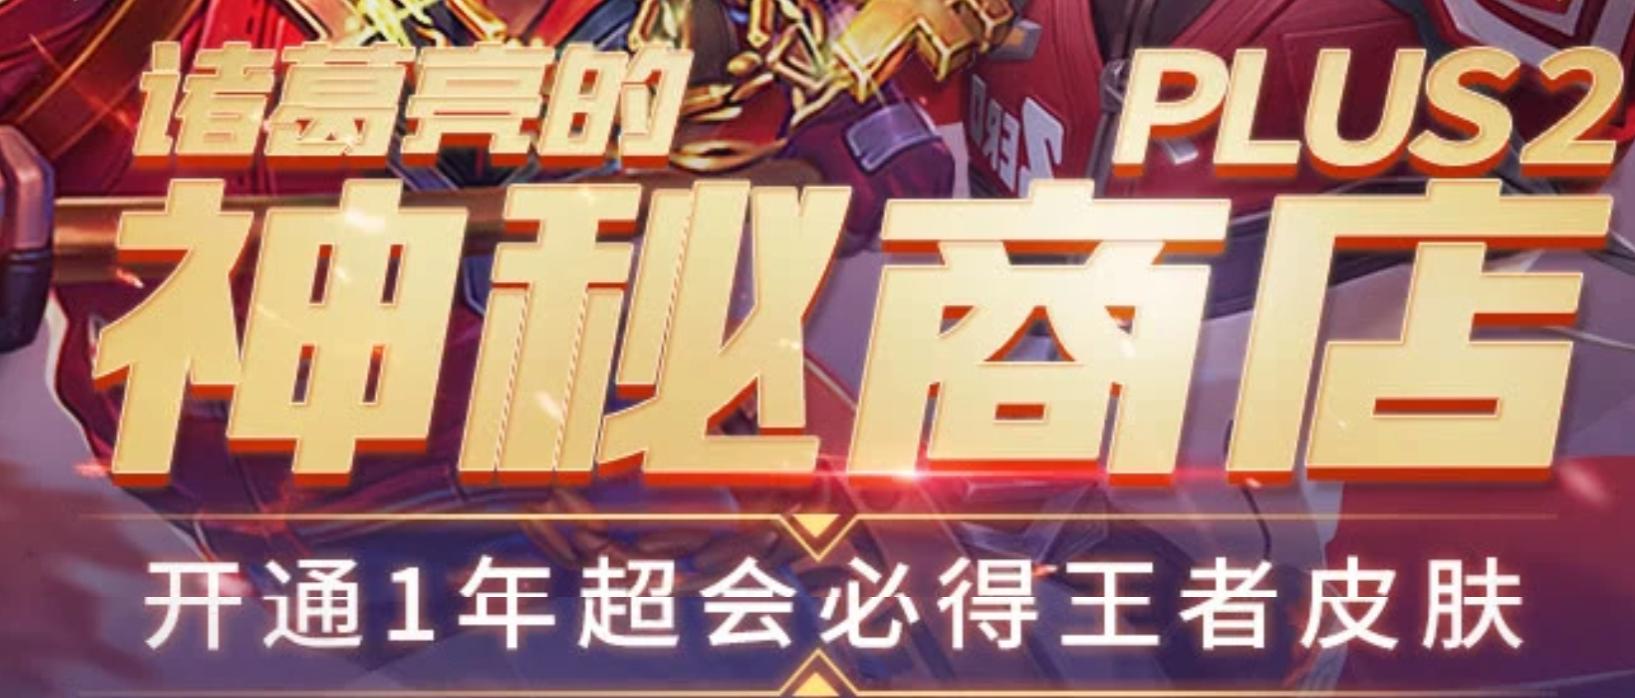 [王者荣耀神秘商店]开通一年超会必得王者皮肤